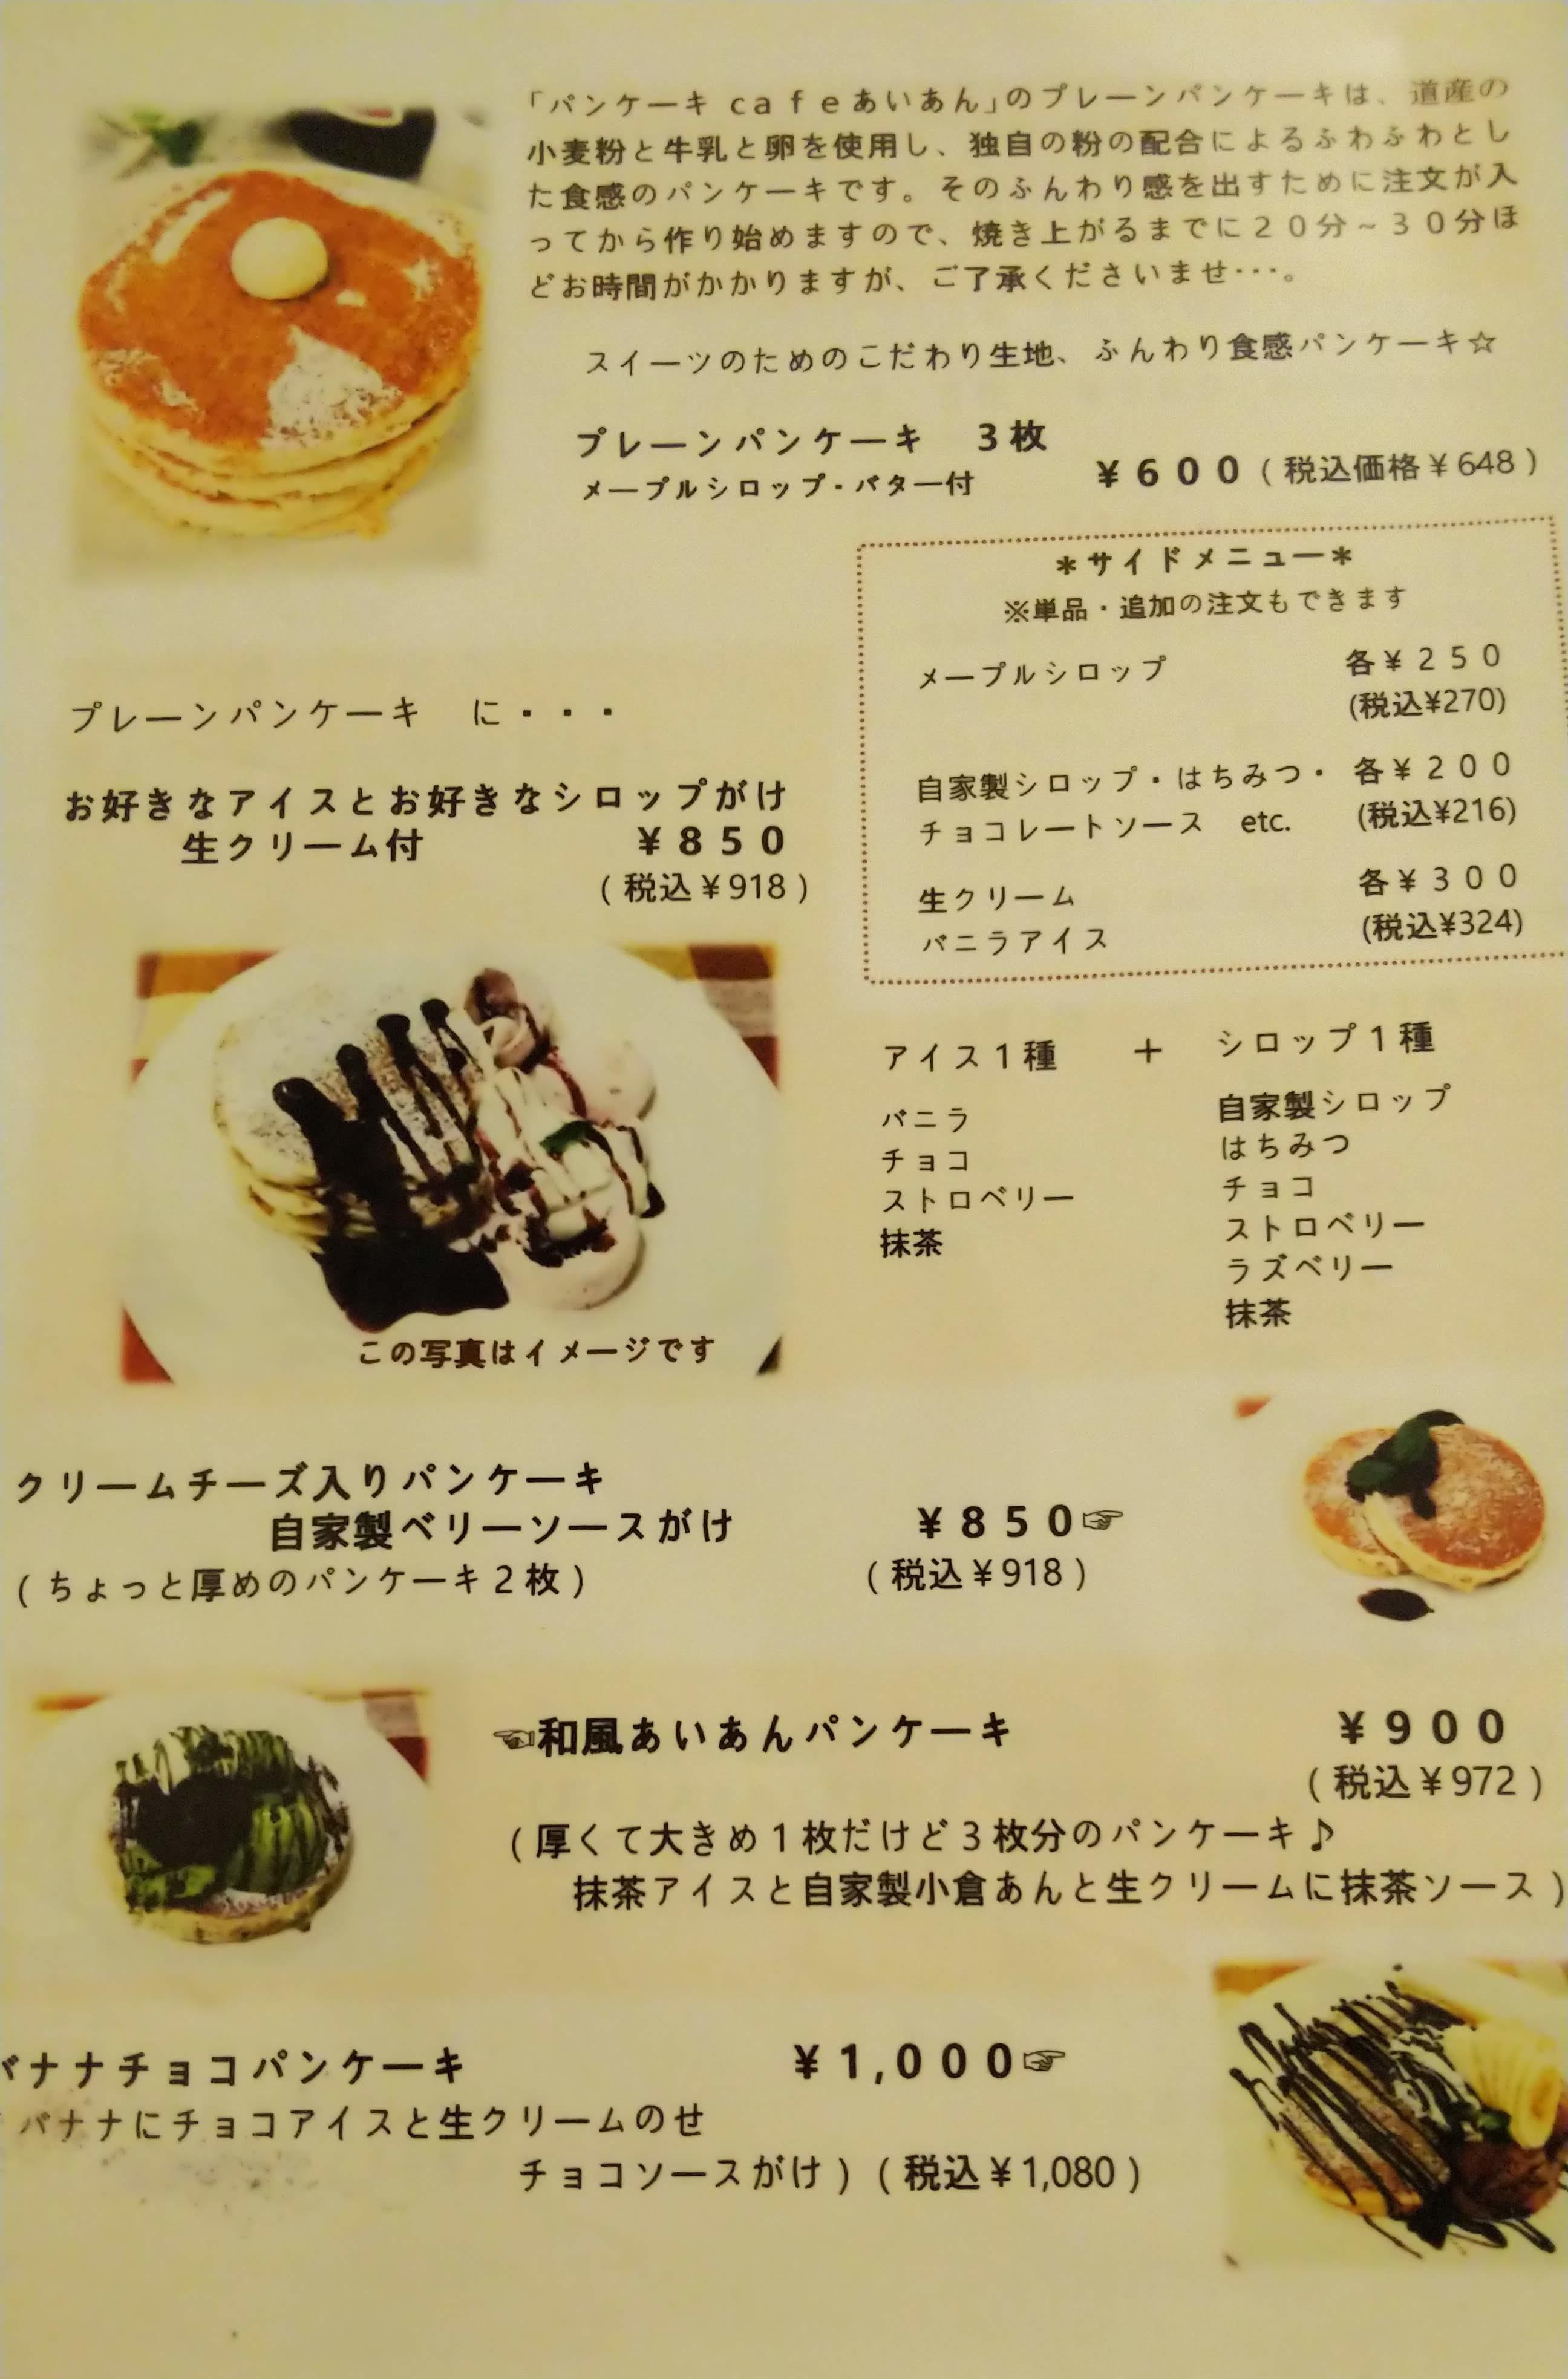 スイーツ系パンケーキのメニュー